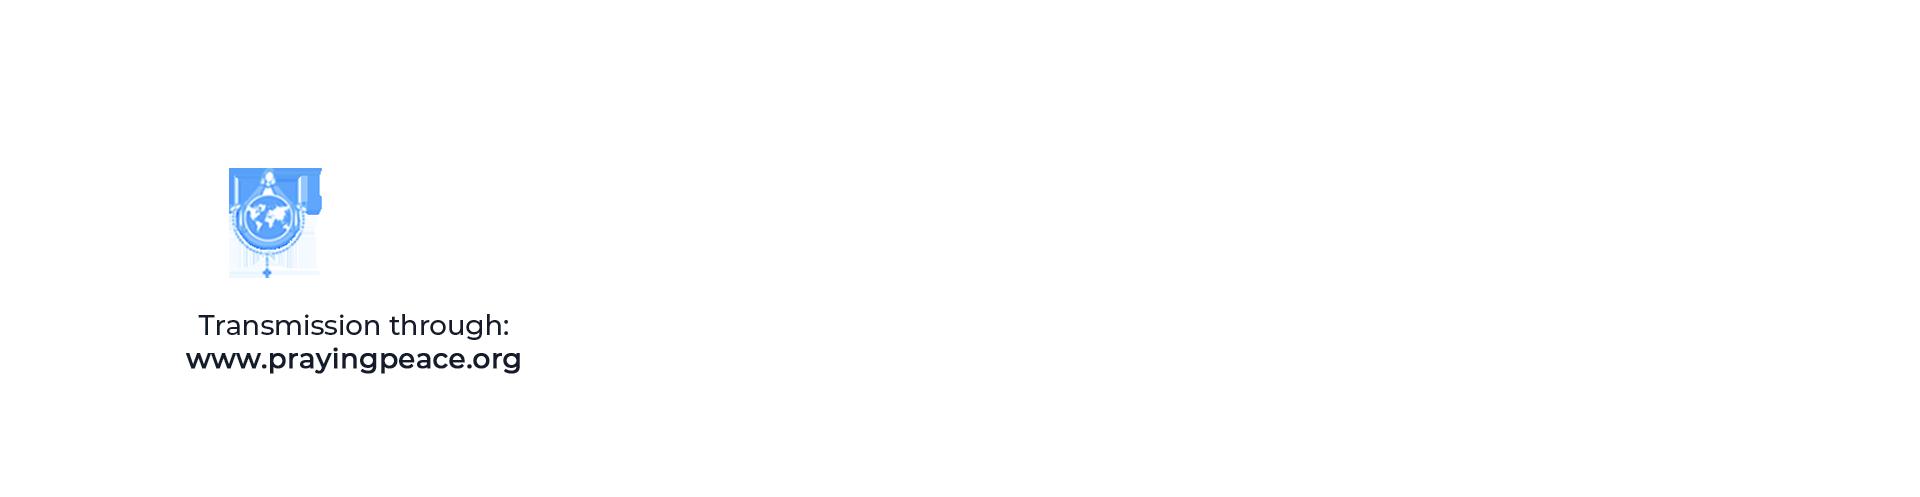 bn_ing_logo.png